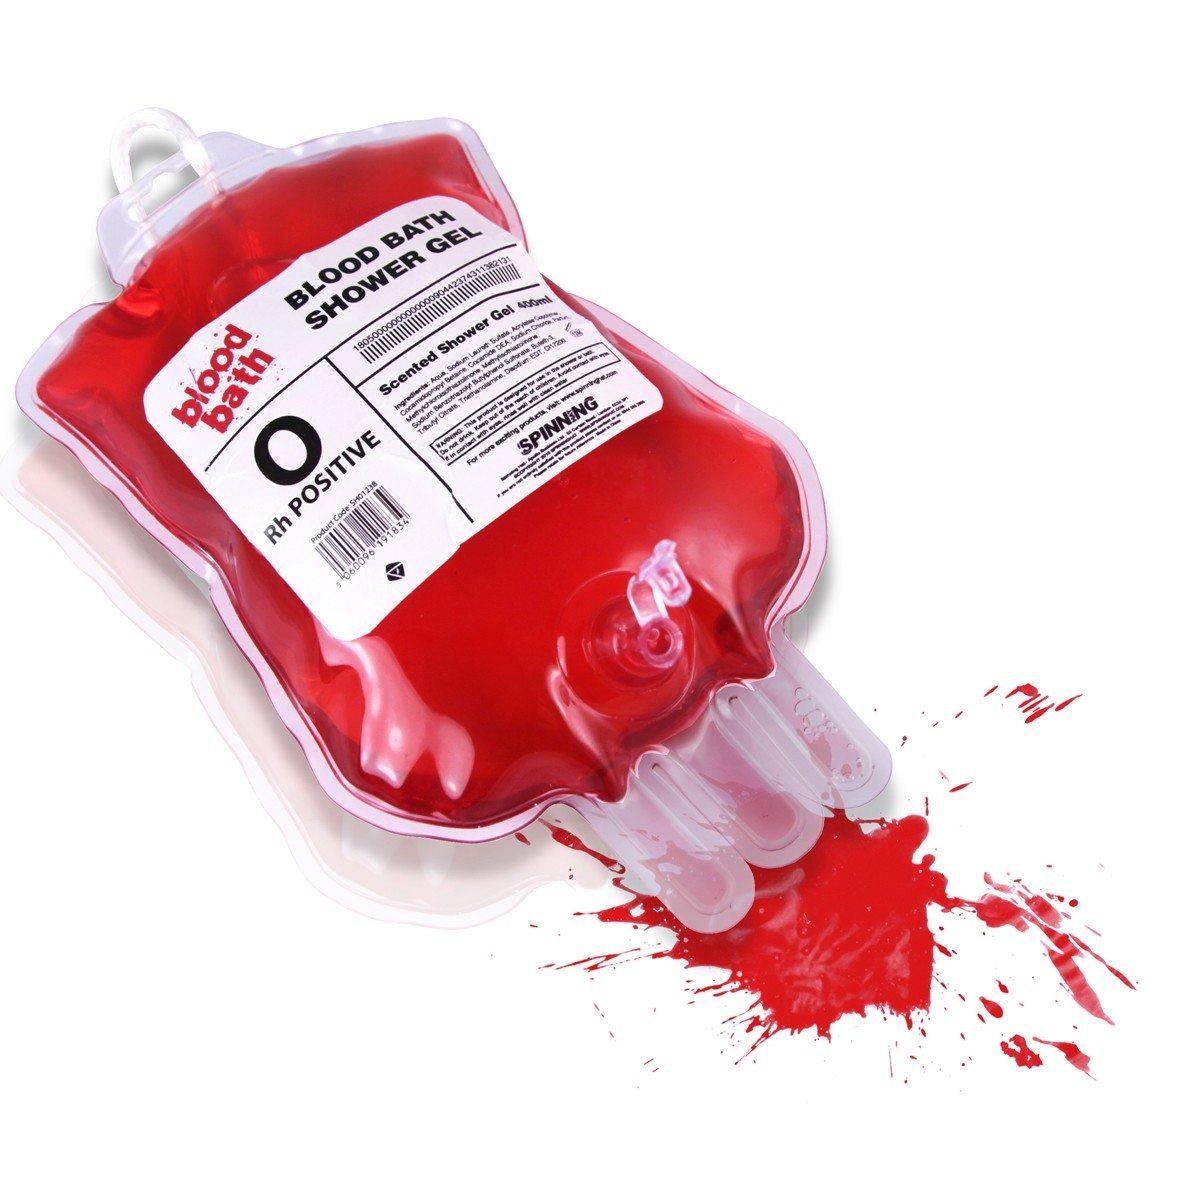 Douchegel bloedtransfusie